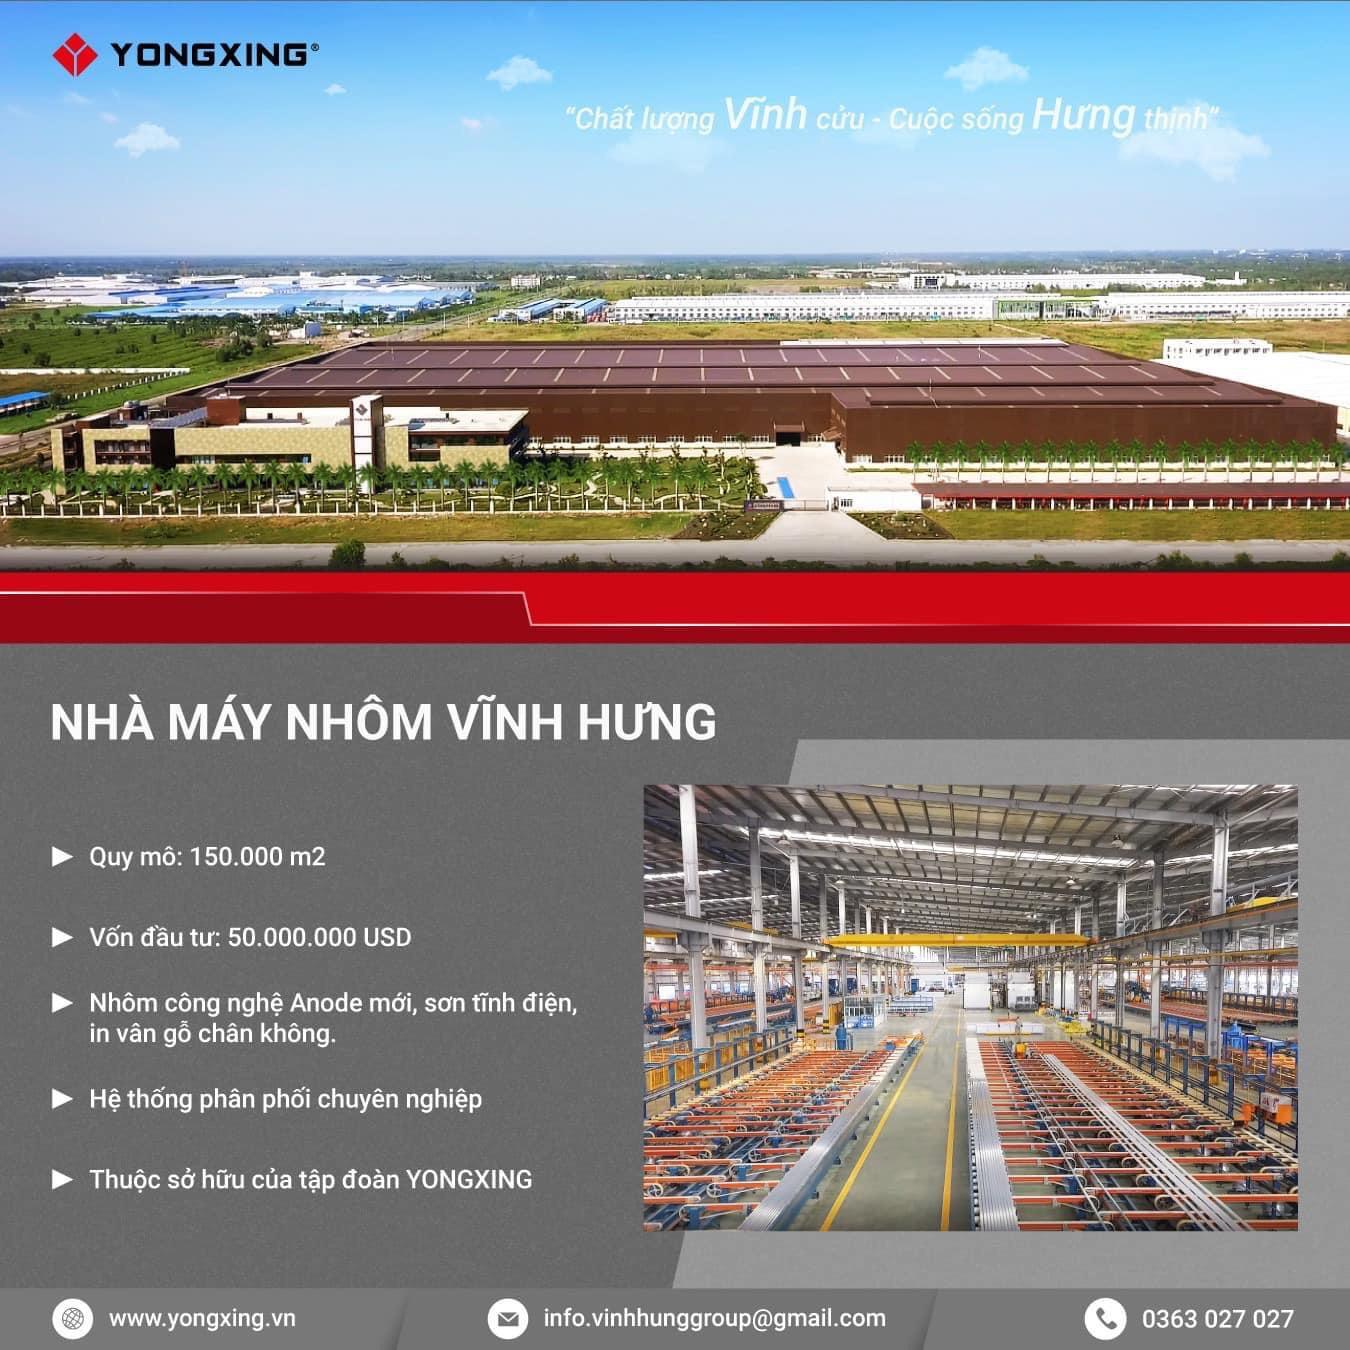 Quy mô nhà máy sản xuất nhôm Yongxing anode